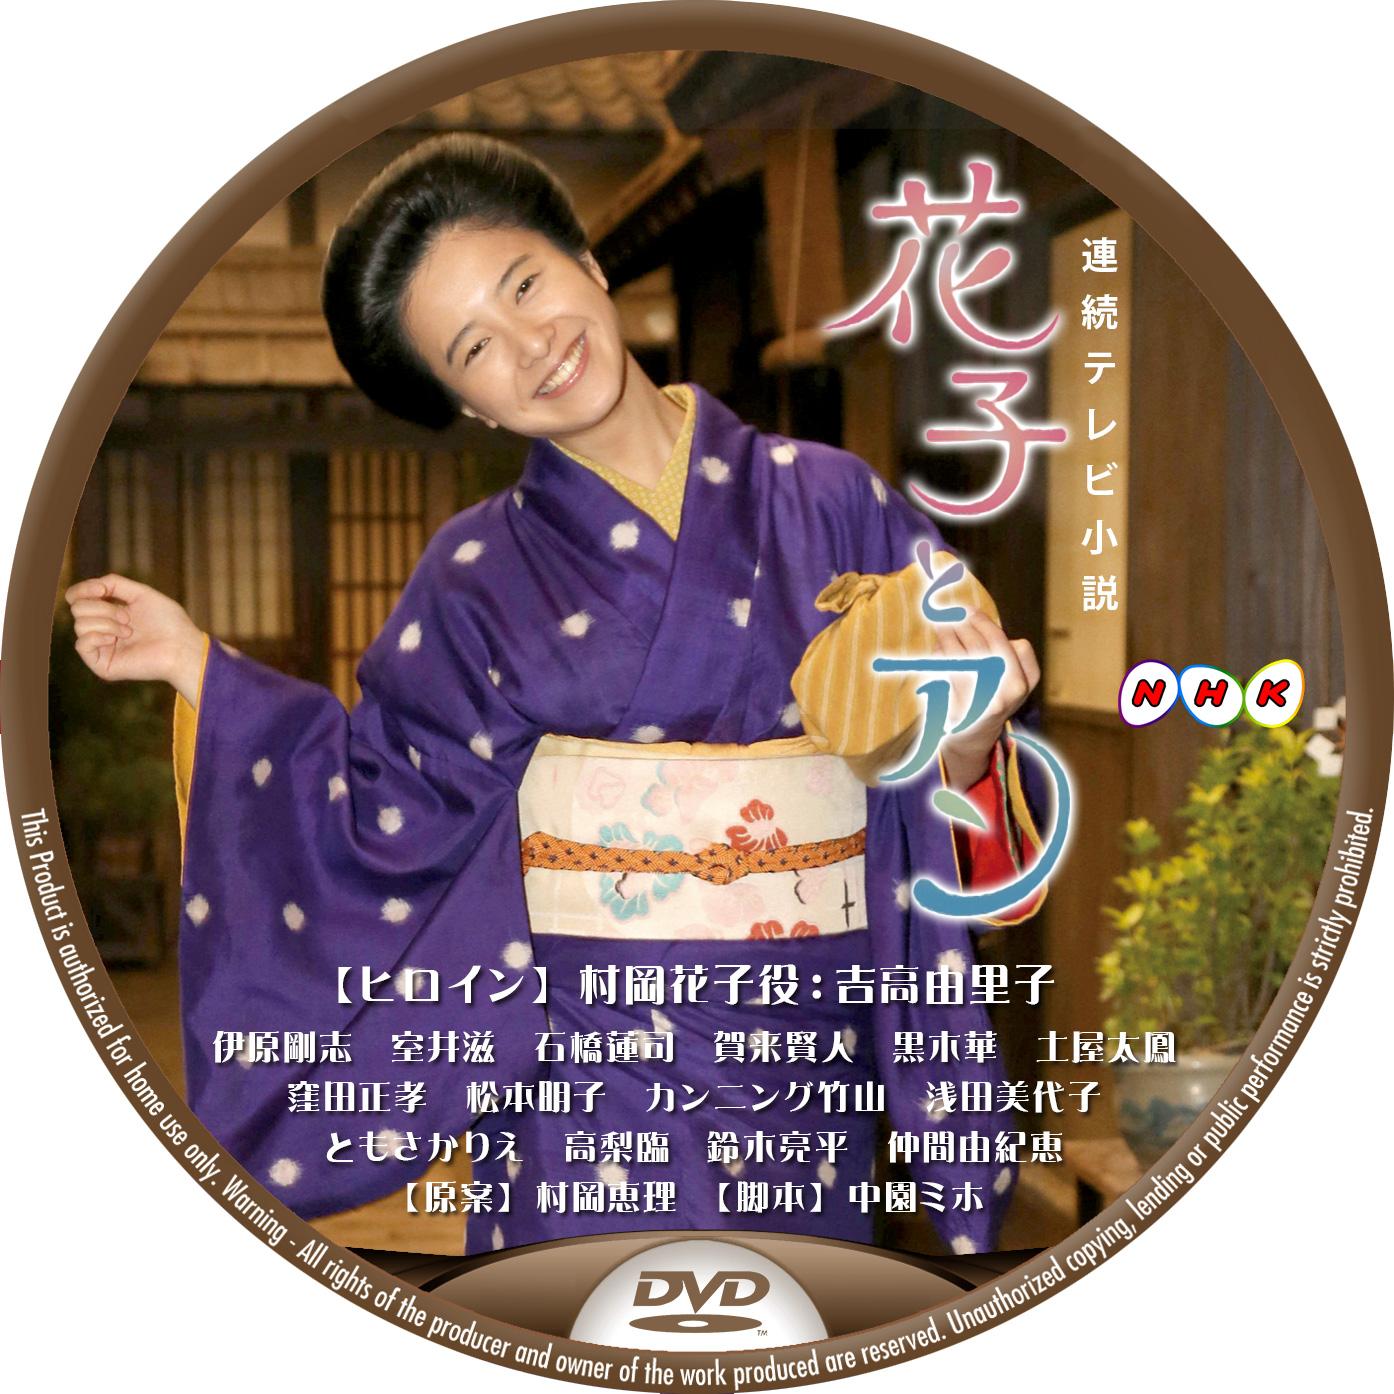 吉高由里子 DVDラベル